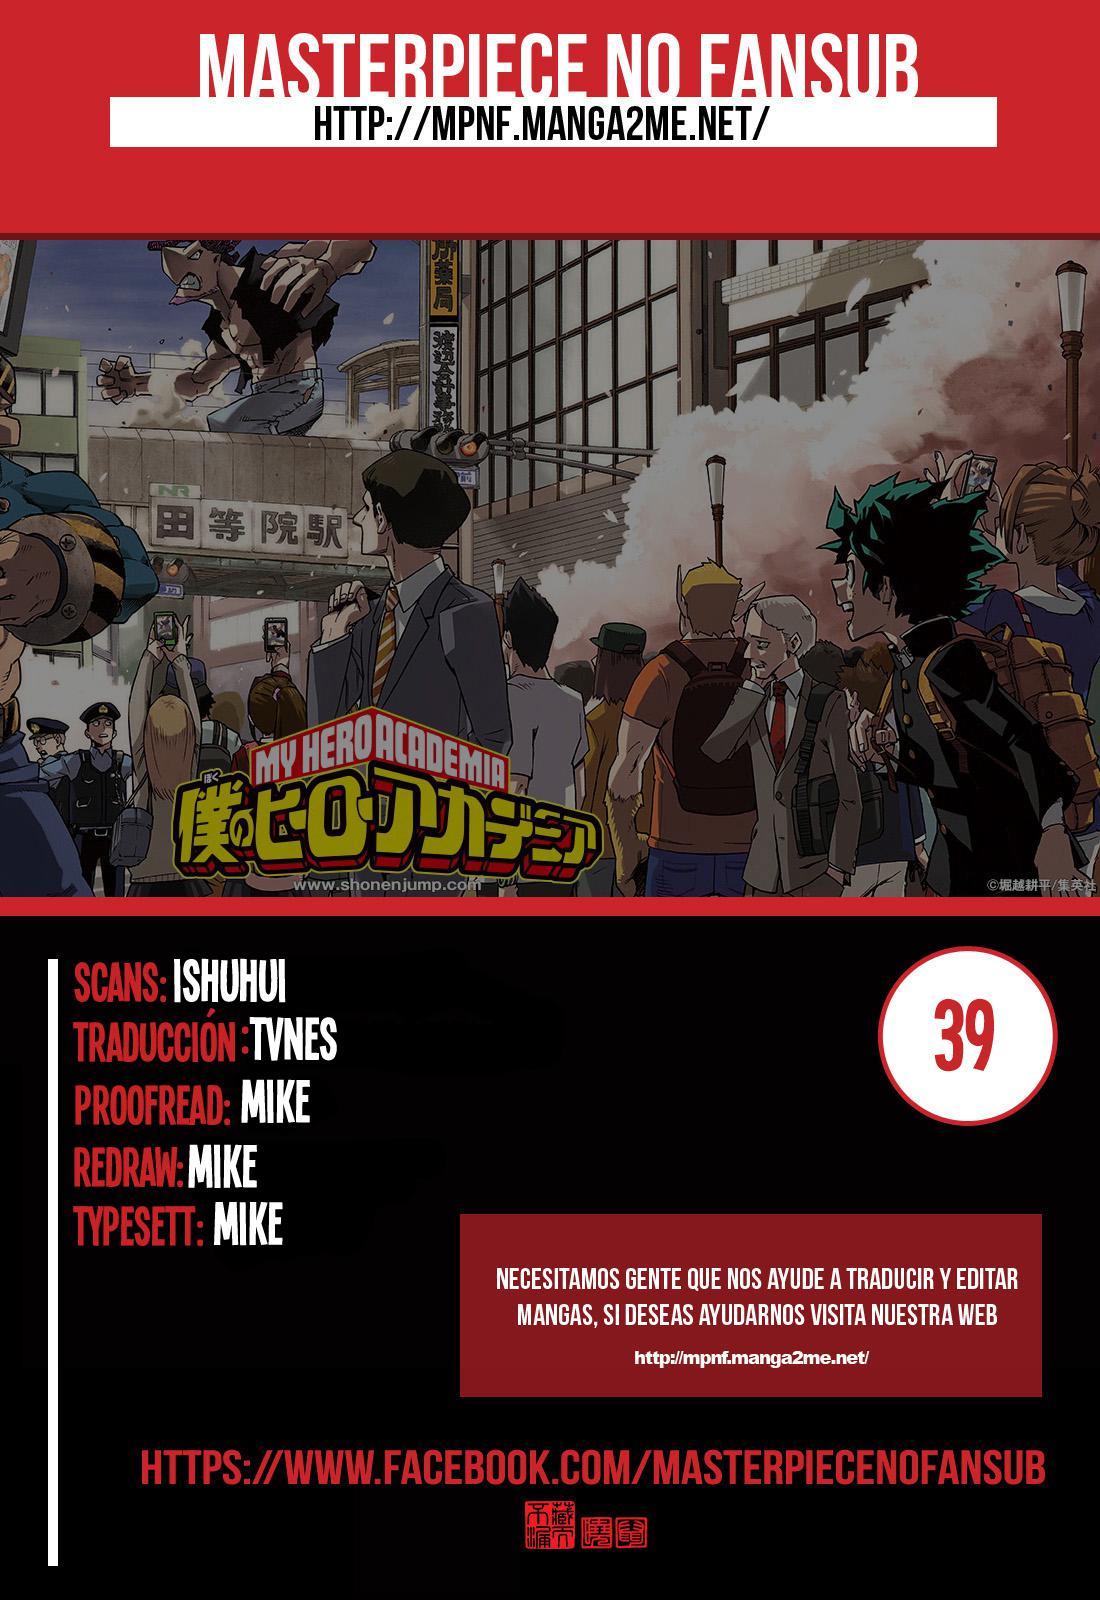 http://c5.ninemanga.com/es_manga/54/182/362232/a2daf6d006b9b09d13bdb15017a4d714.jpg Page 1